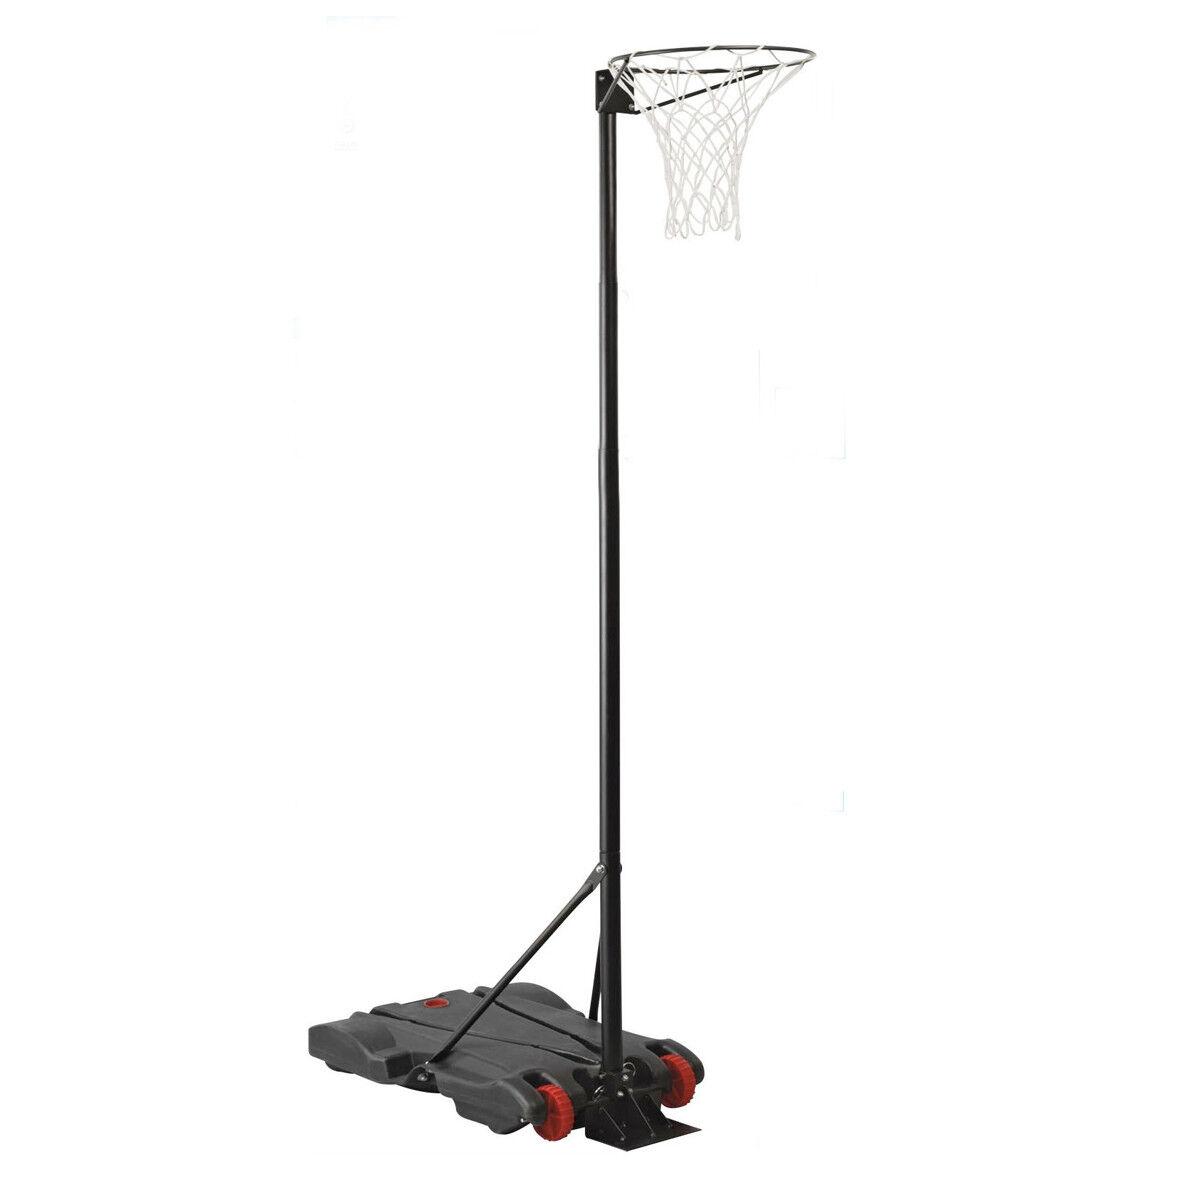 Charles Bentley Netball Hoop Post Height 1.4M - 2.75M Free Standing On Wheels